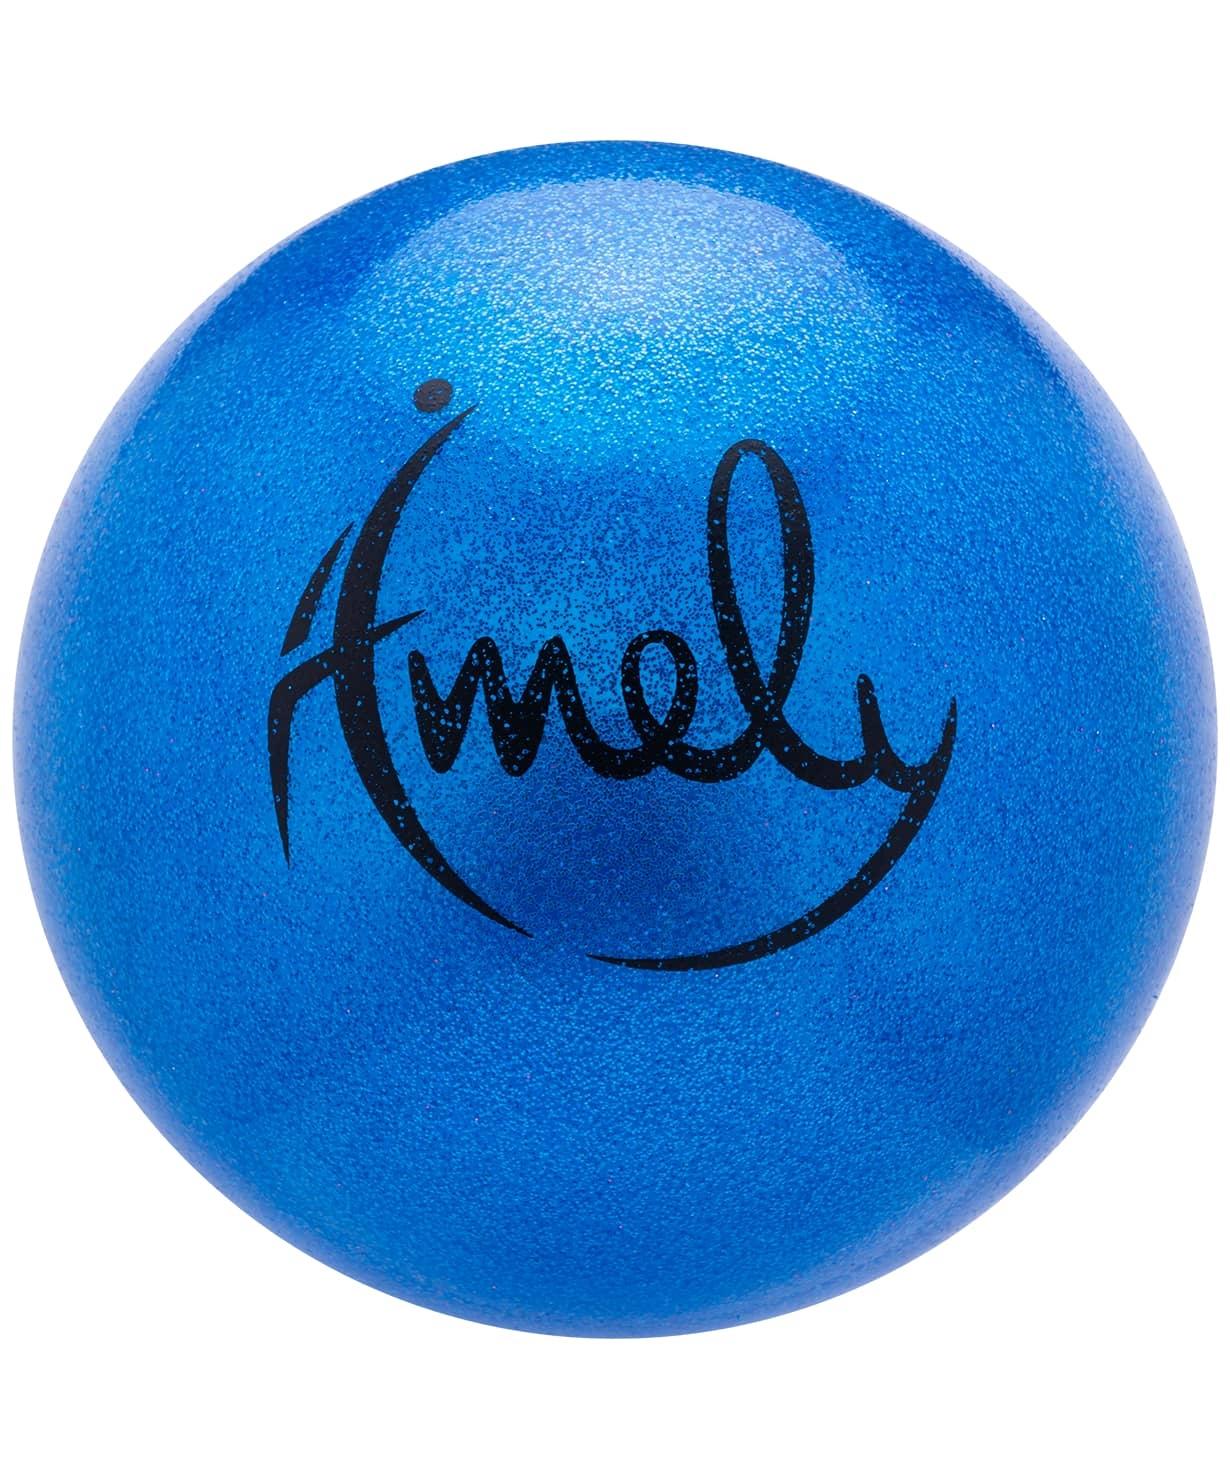 Мяч для художественной гимнастики AGB-303 19 см, синий, с насыщенными блестками